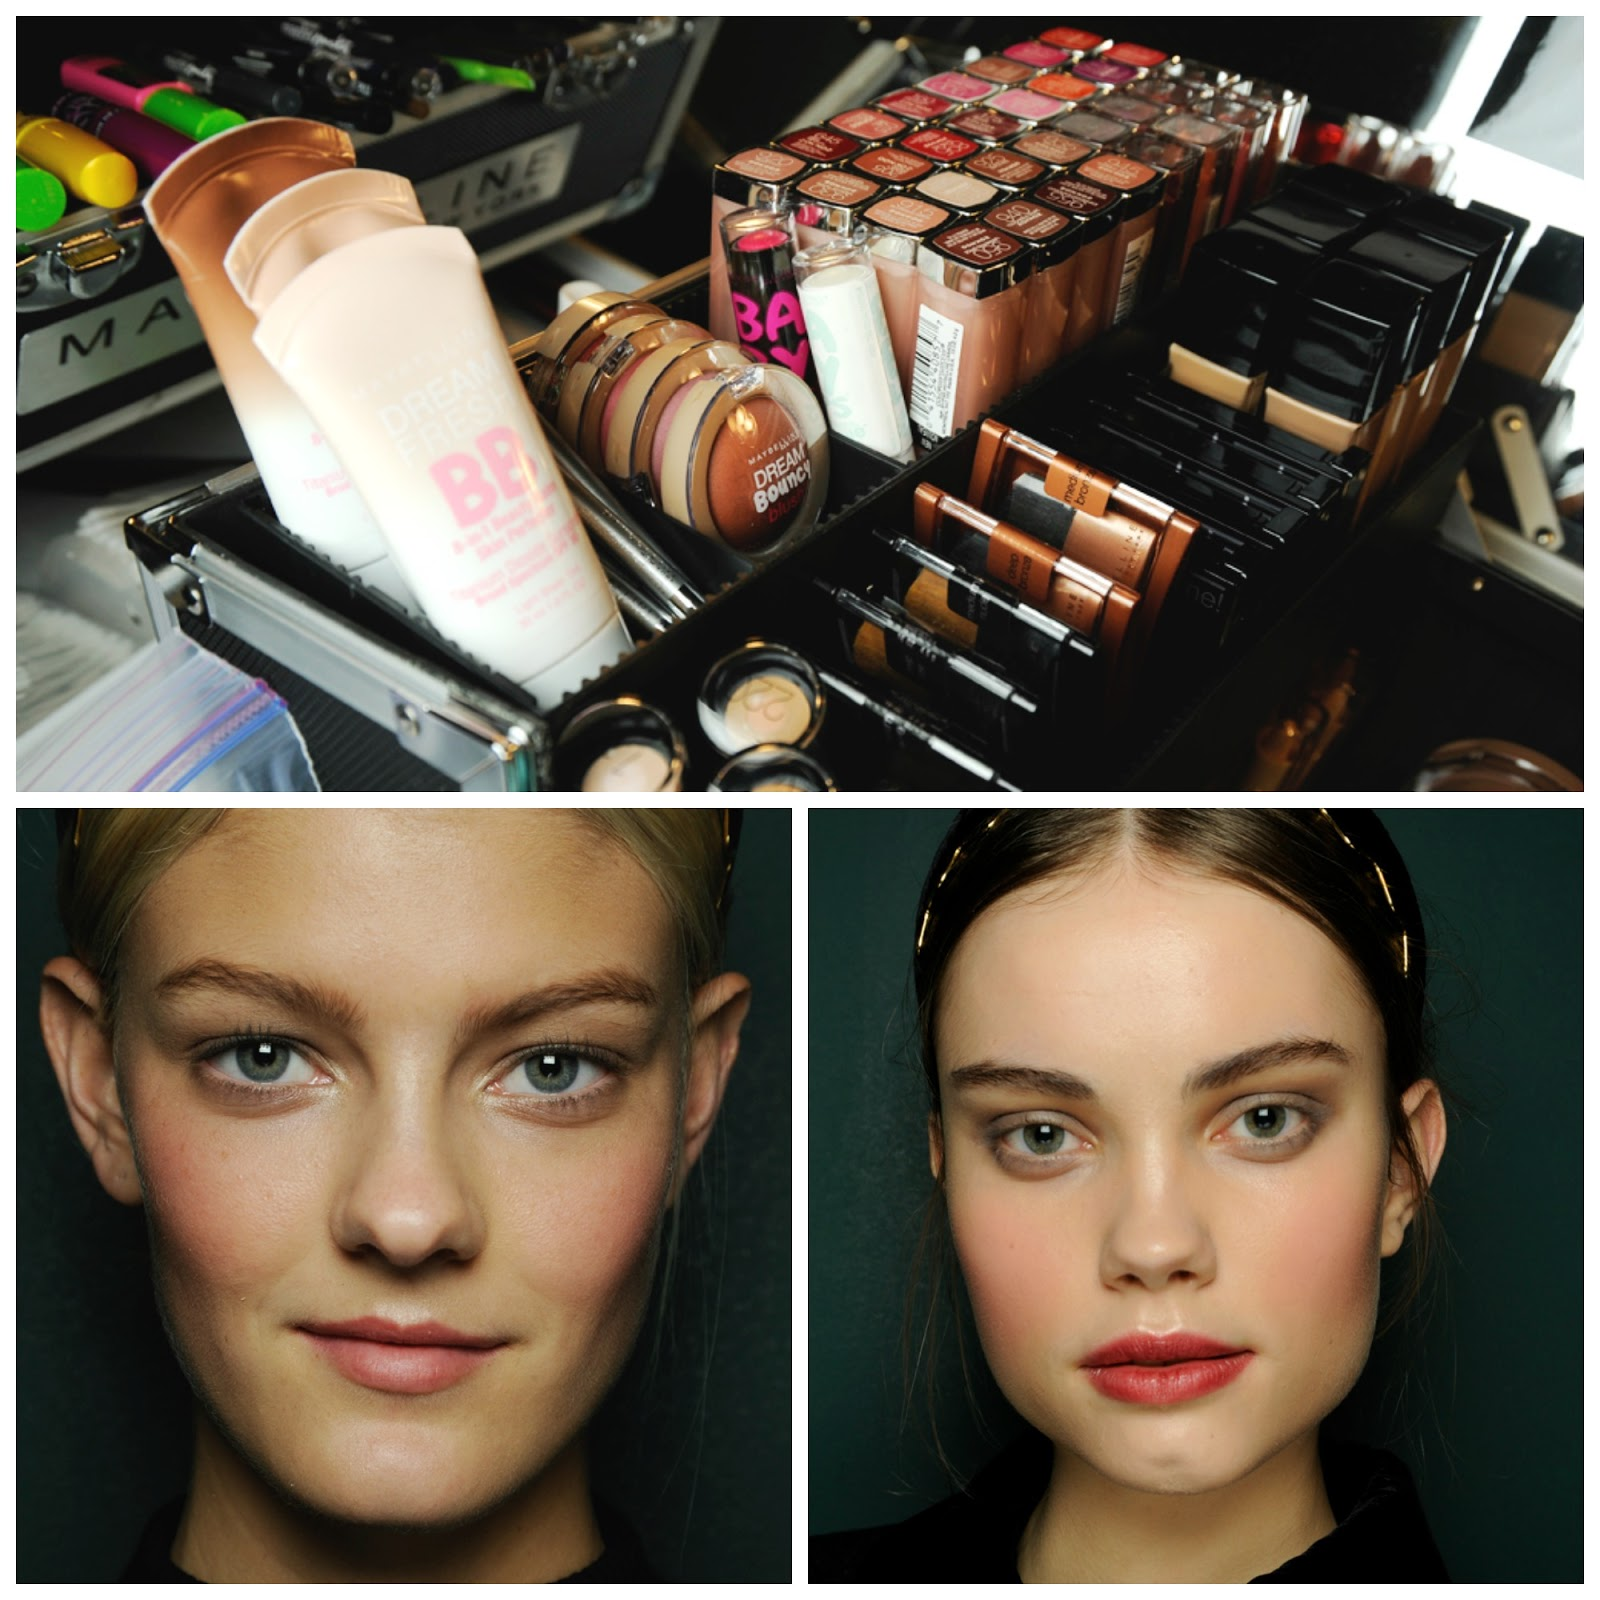 backstage makeup, Maybelline